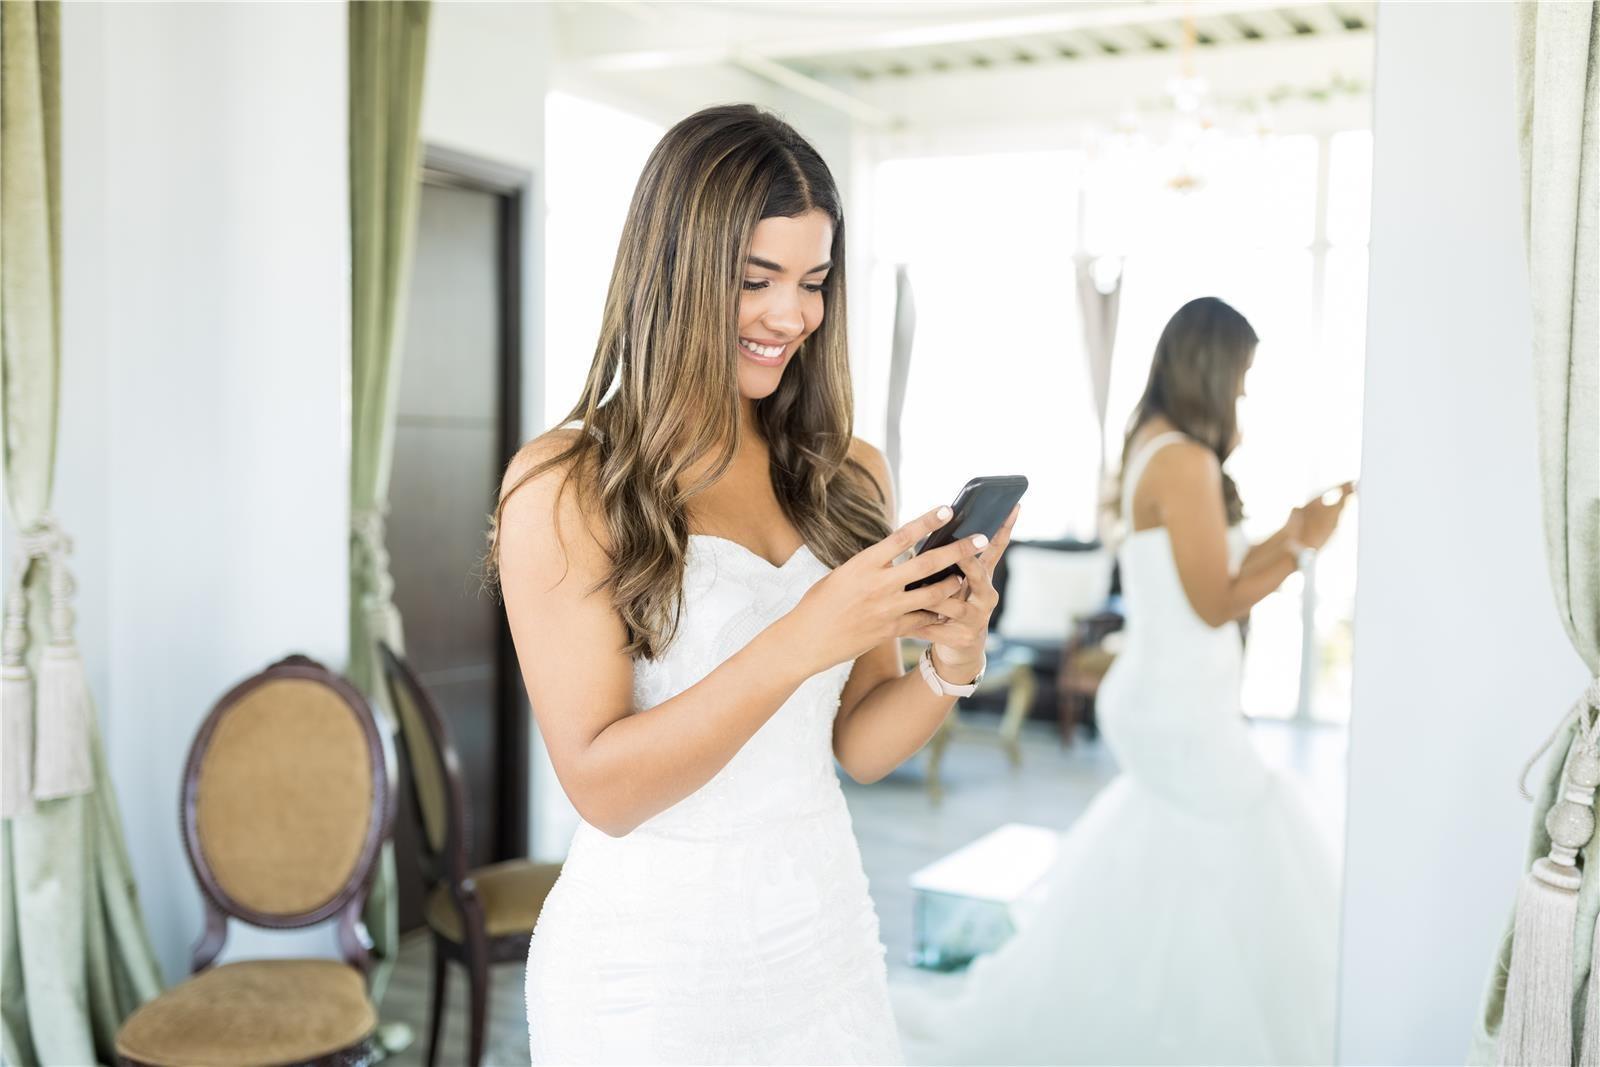 כלה עם טלפון נייד ביד (צילום: Shutterstock)